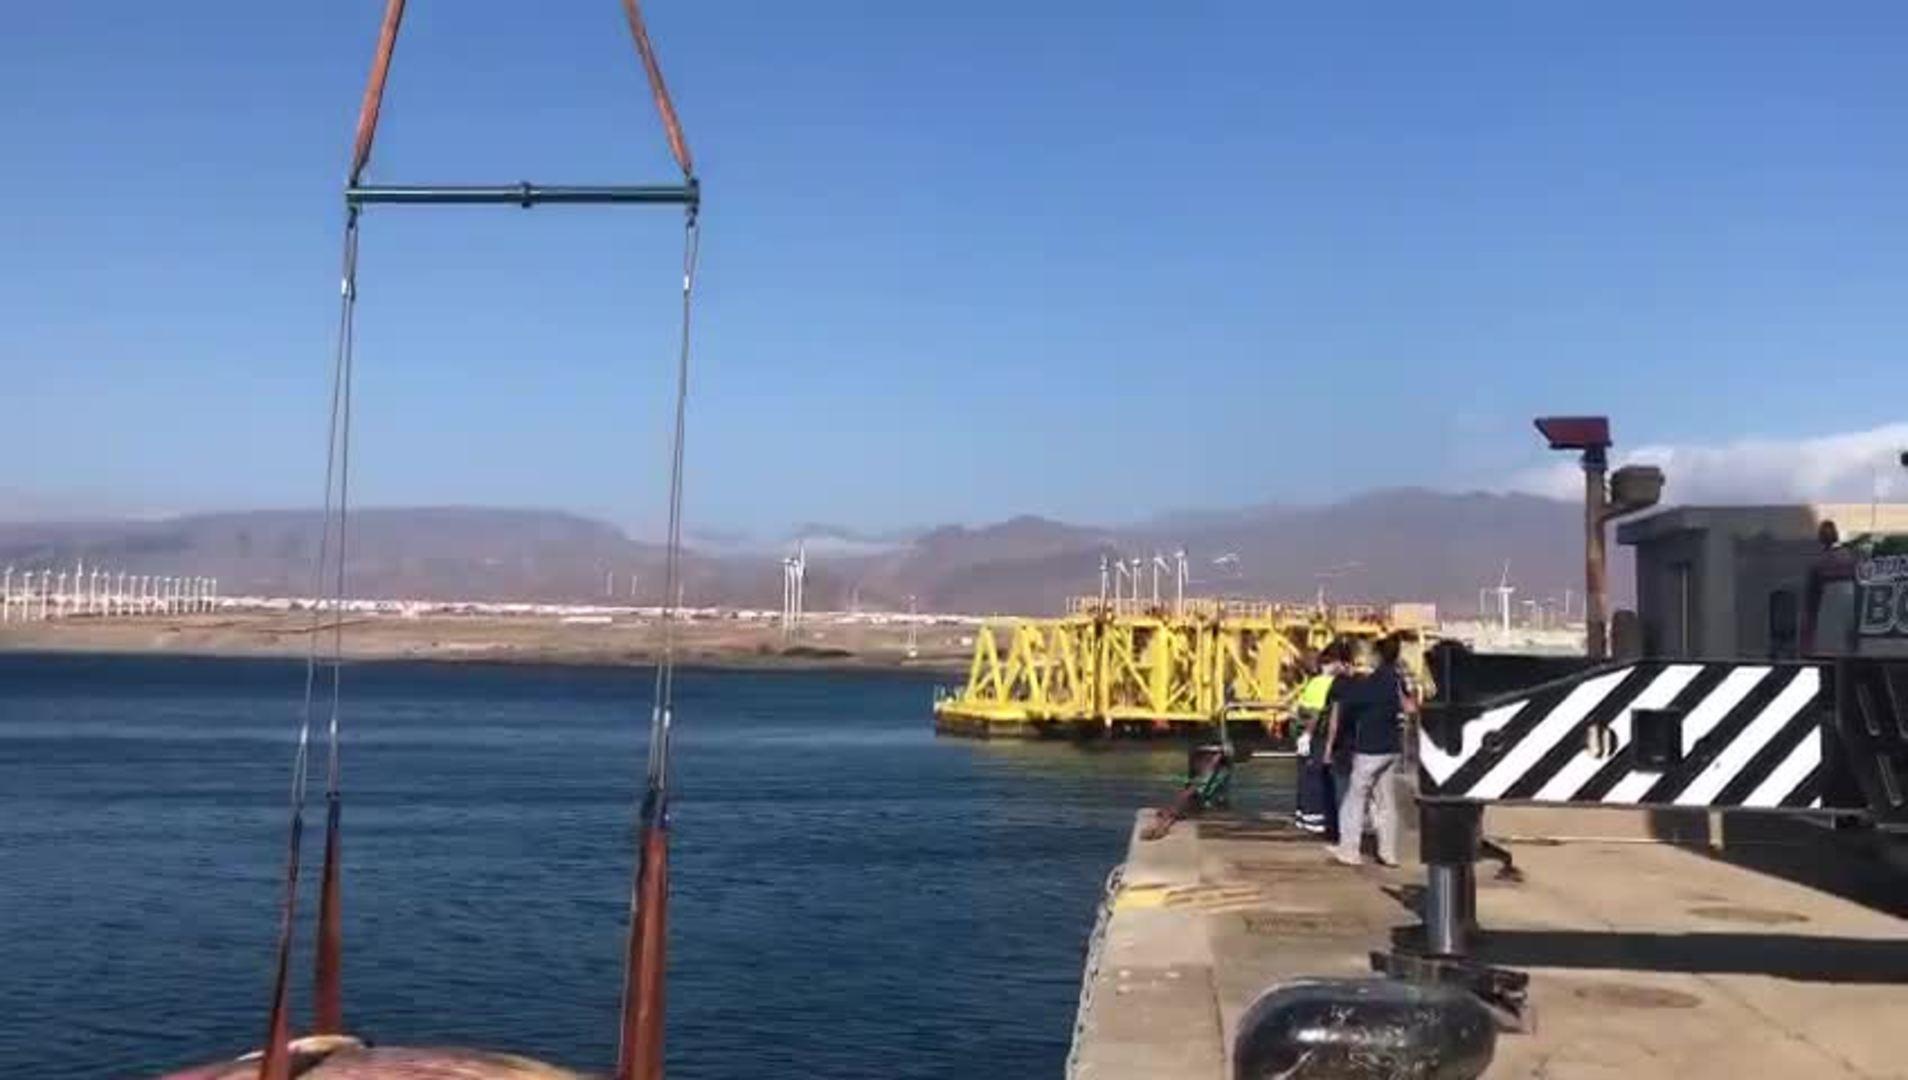 Trasladan al cetáceo varado en Telde al vertedero de Juan Grande